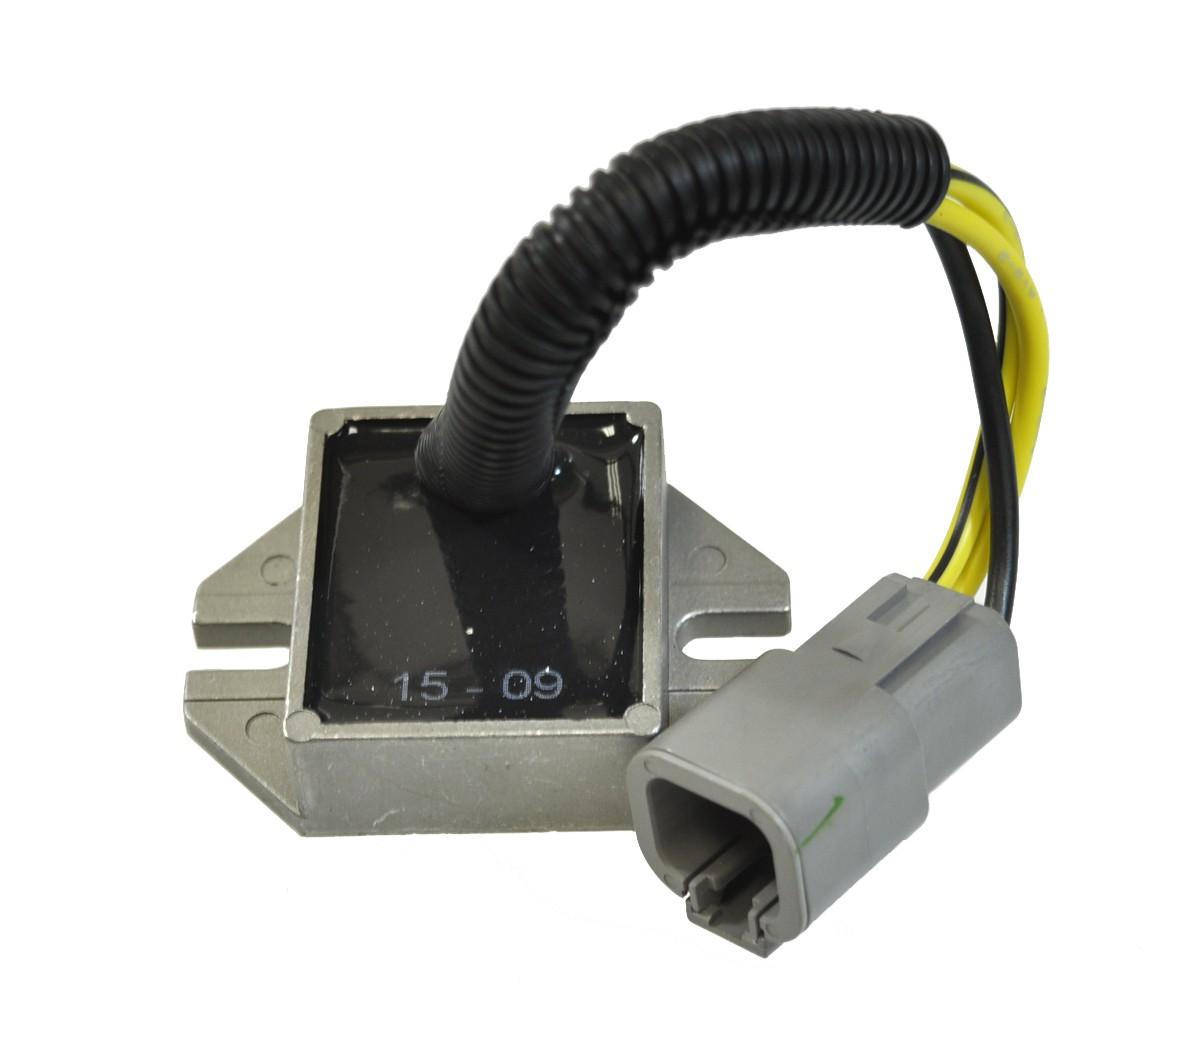 New SPI Voltage Regulator For Ski-Doo 380F 550F MXZ Replaces OE # 515176188